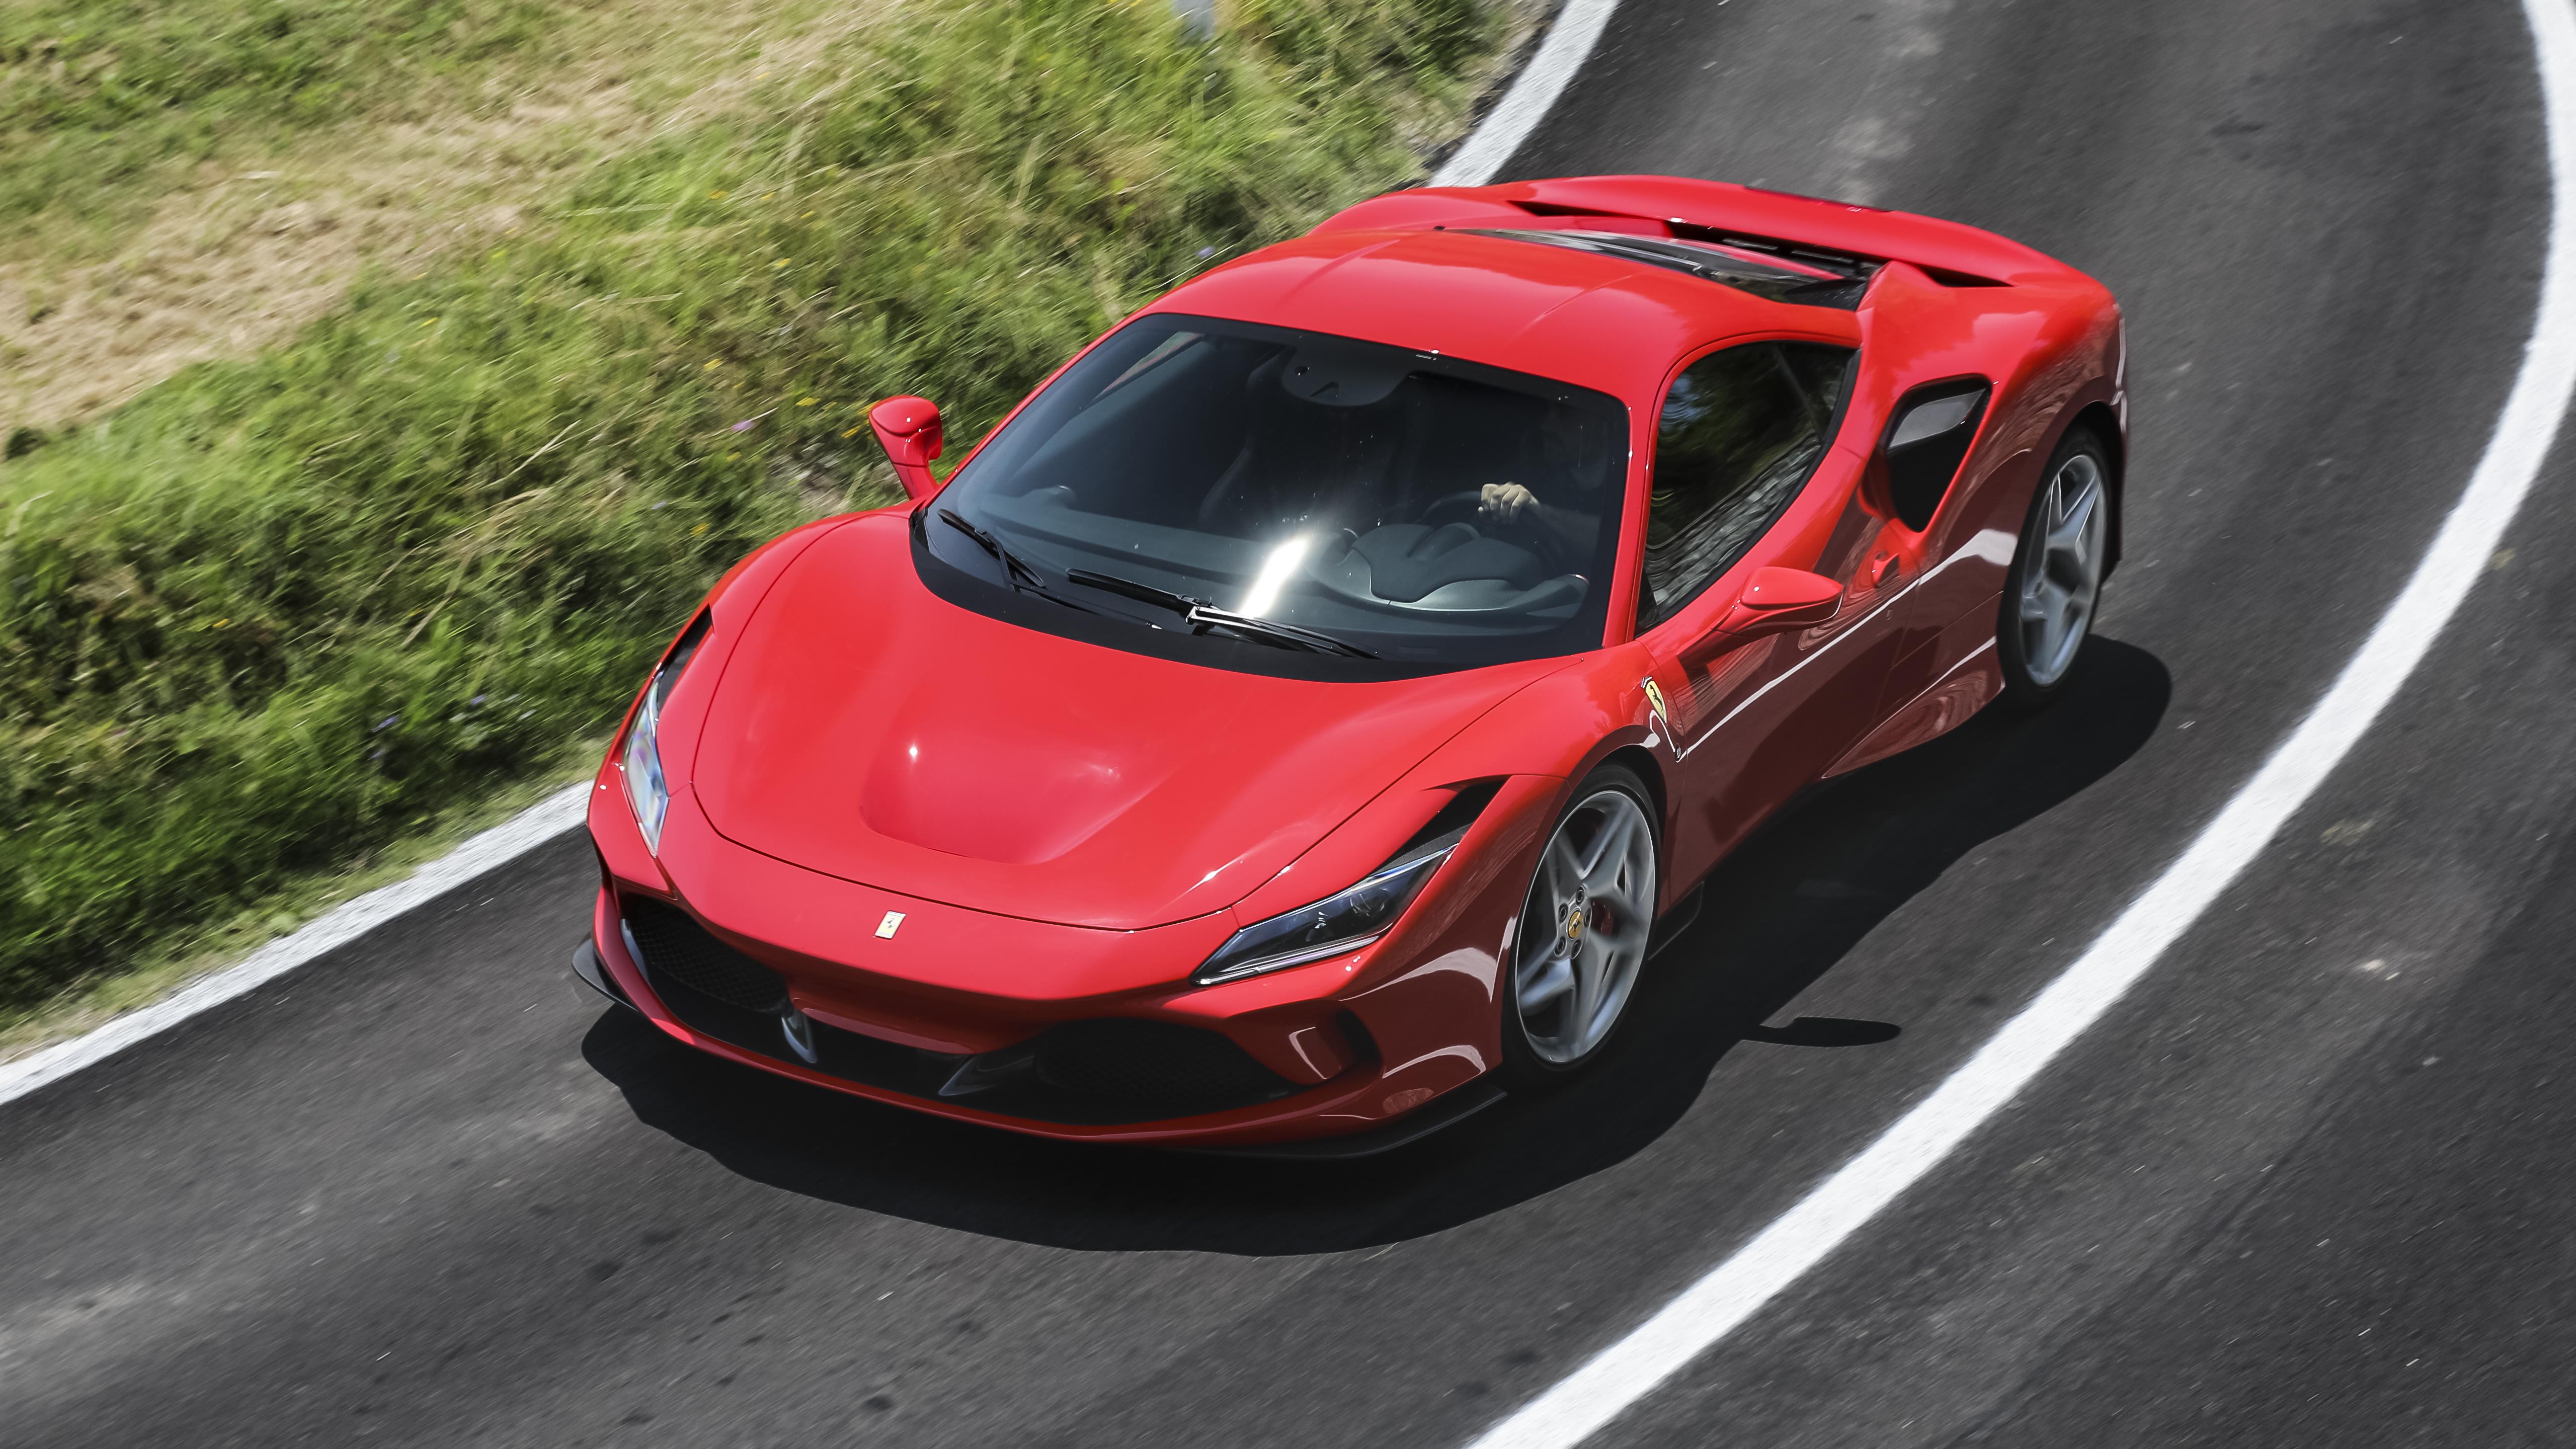 Ferrari F8 Tributo 2019 4k 2 Wallpaper Hd Car Wallpapers Id 13254